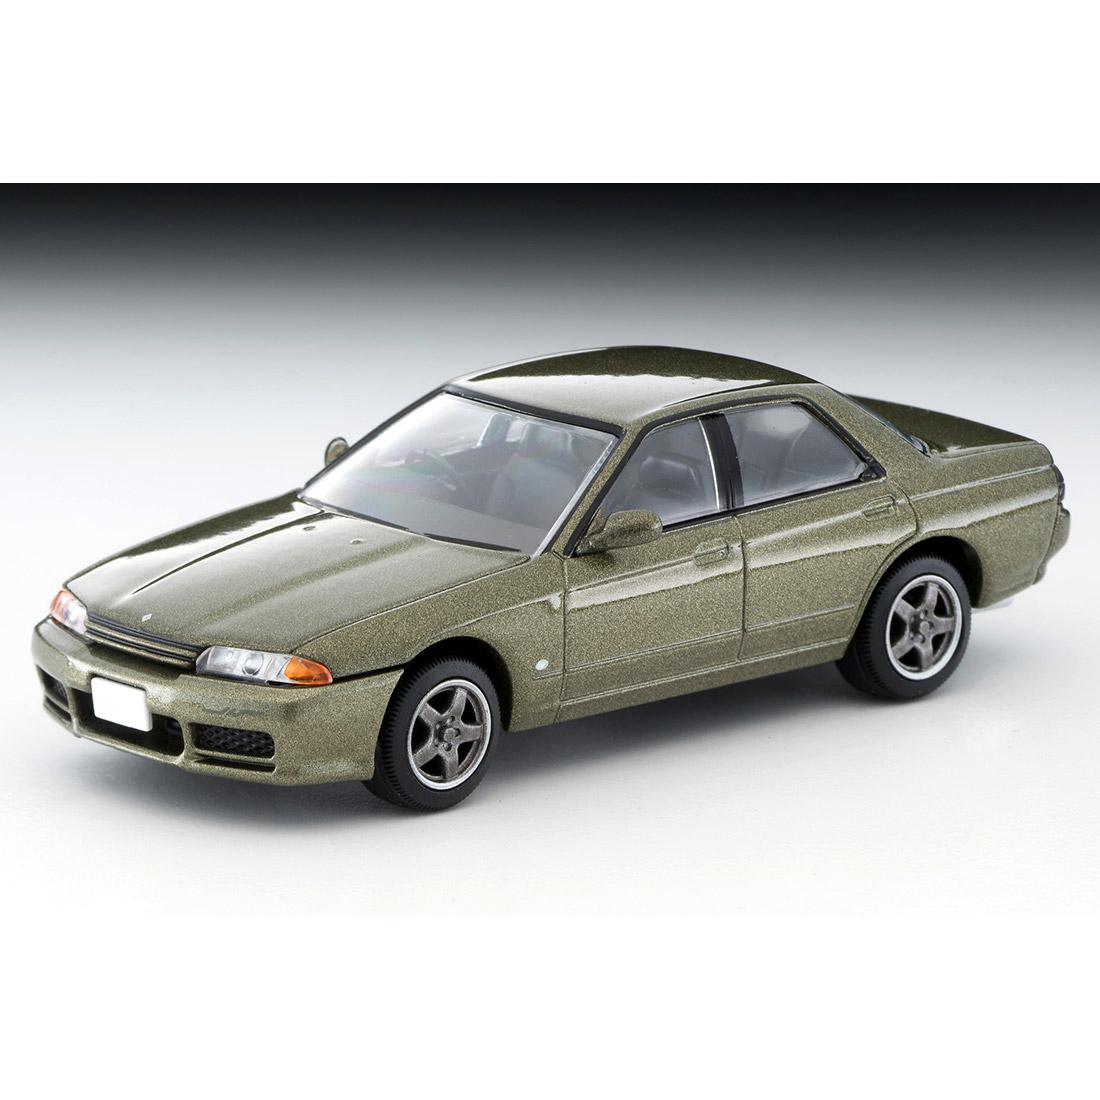 トミカリミテッド ヴィンテージ ネオ TLV-NEO『LV-N213a スカイライン オーテックバージョン』ミニカー-002